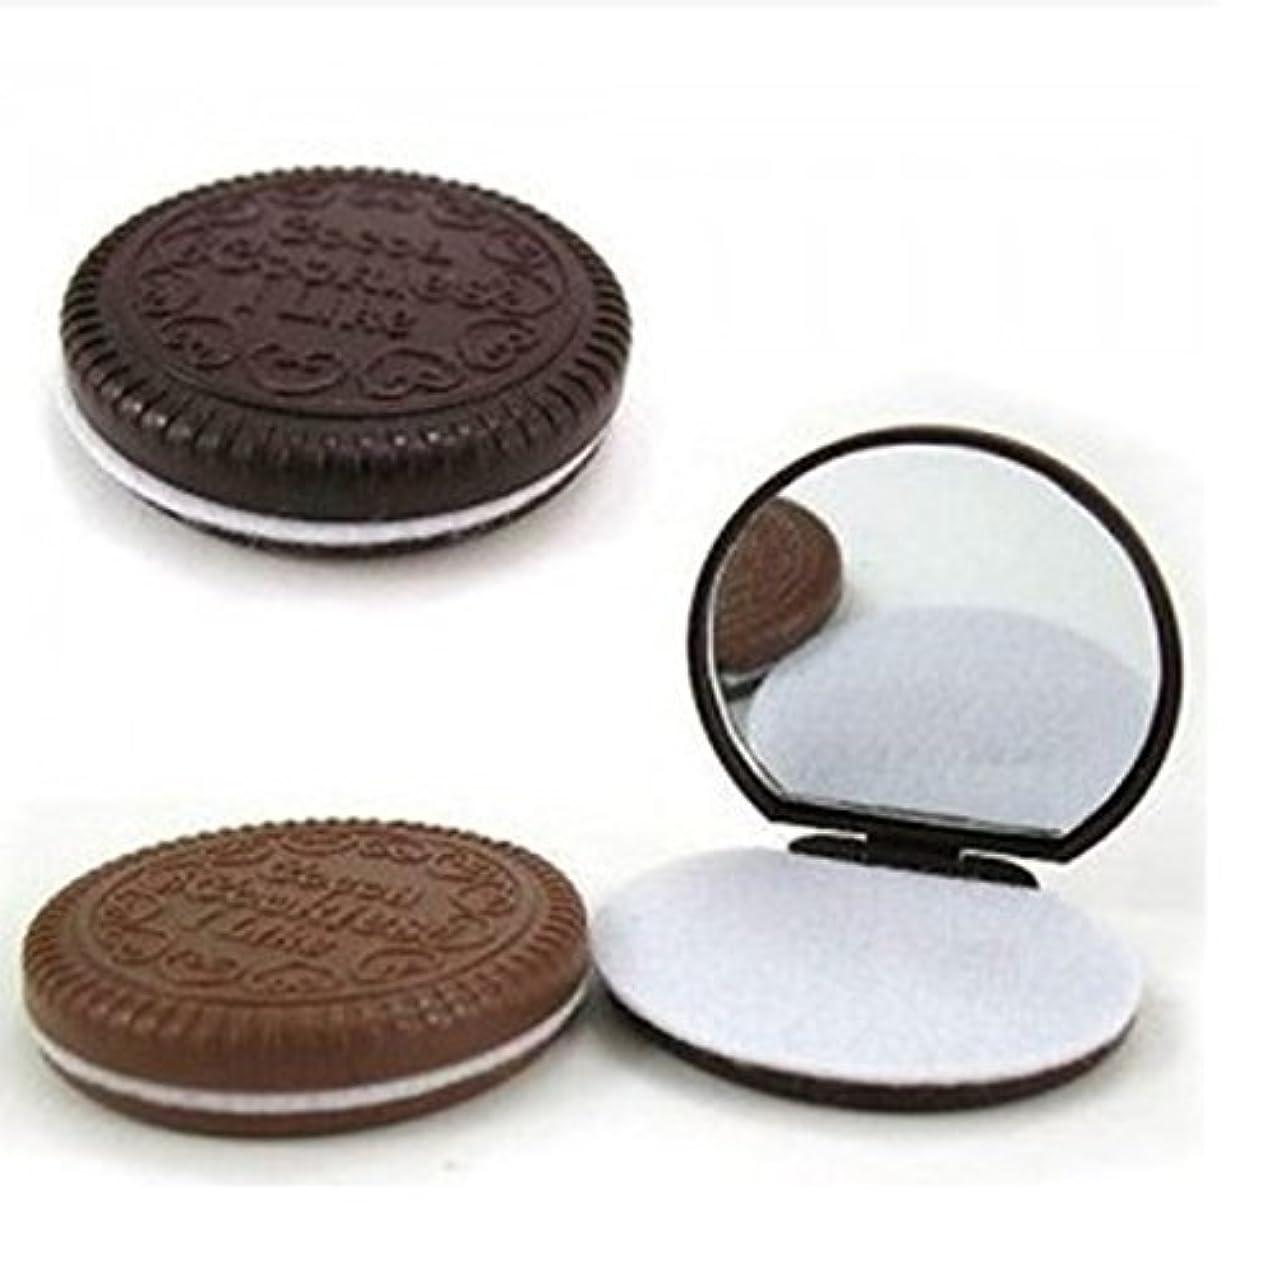 効率的早熟誠意3 Pcs Cute Chocolate Makeup Mirror With Comb Women Hand Pocket Compact Makeup Tools Great Gift [並行輸入品]